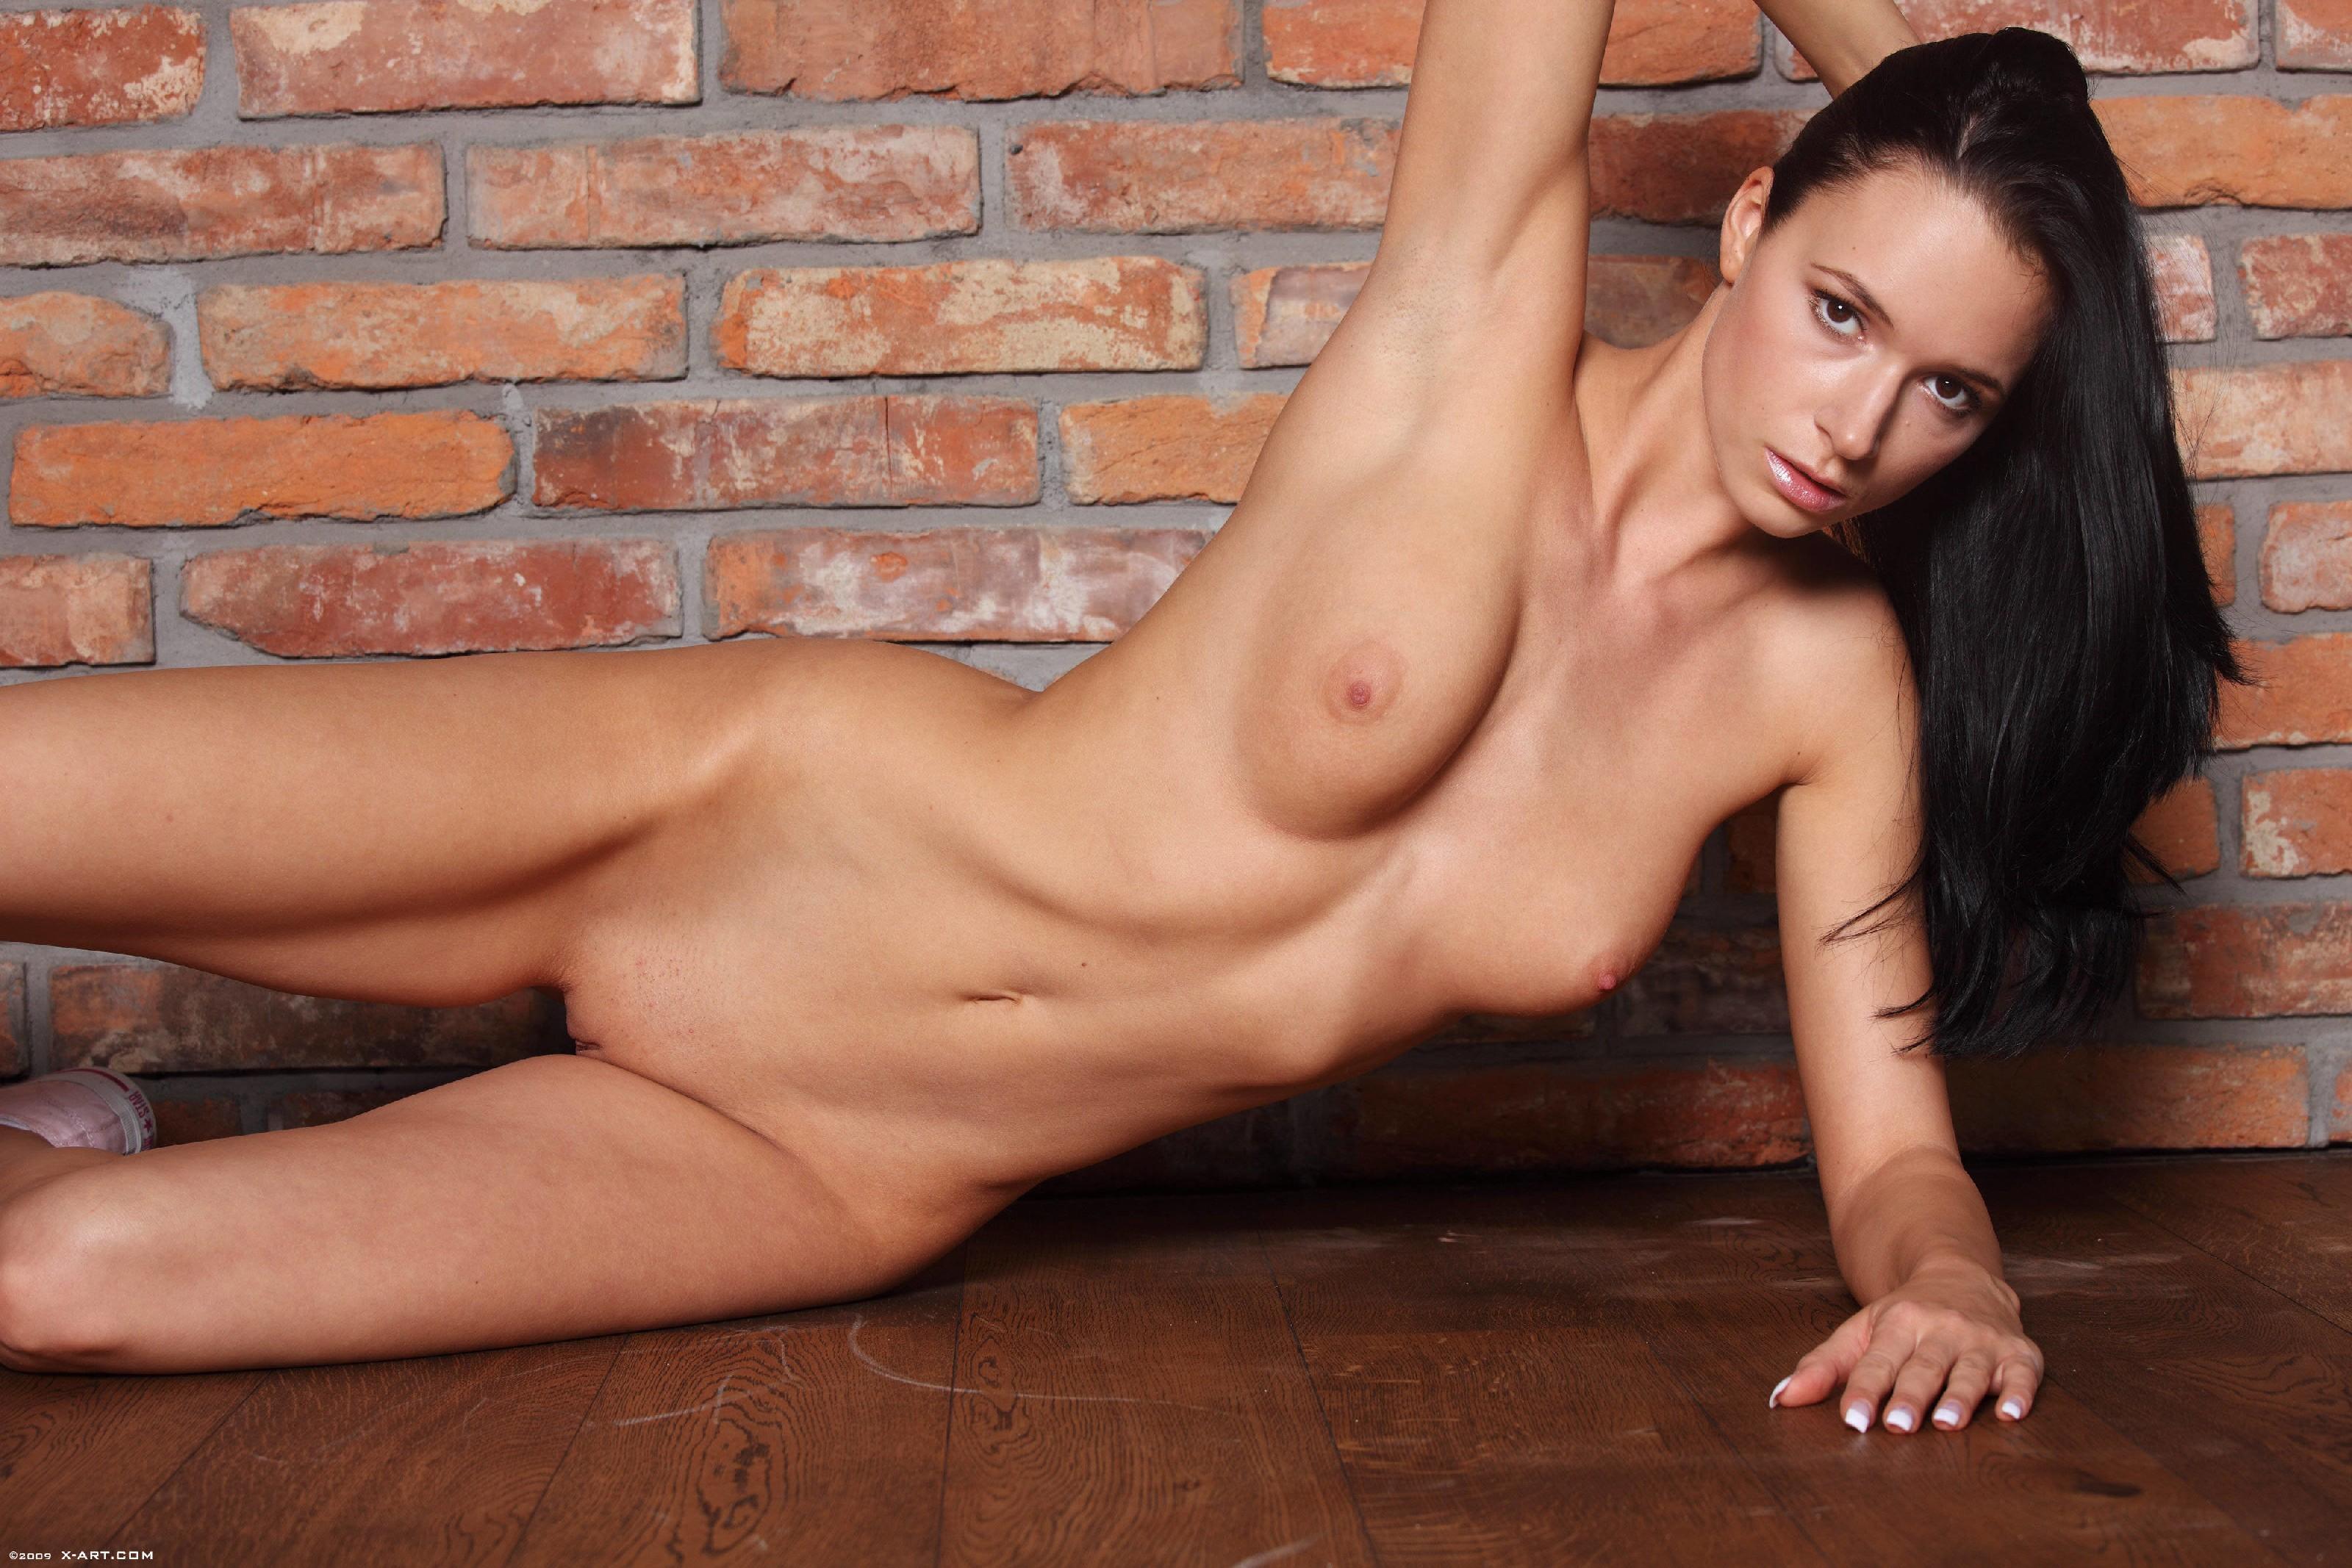 Подборка фото красивых обнаженных девушек которые хвастают своим телом